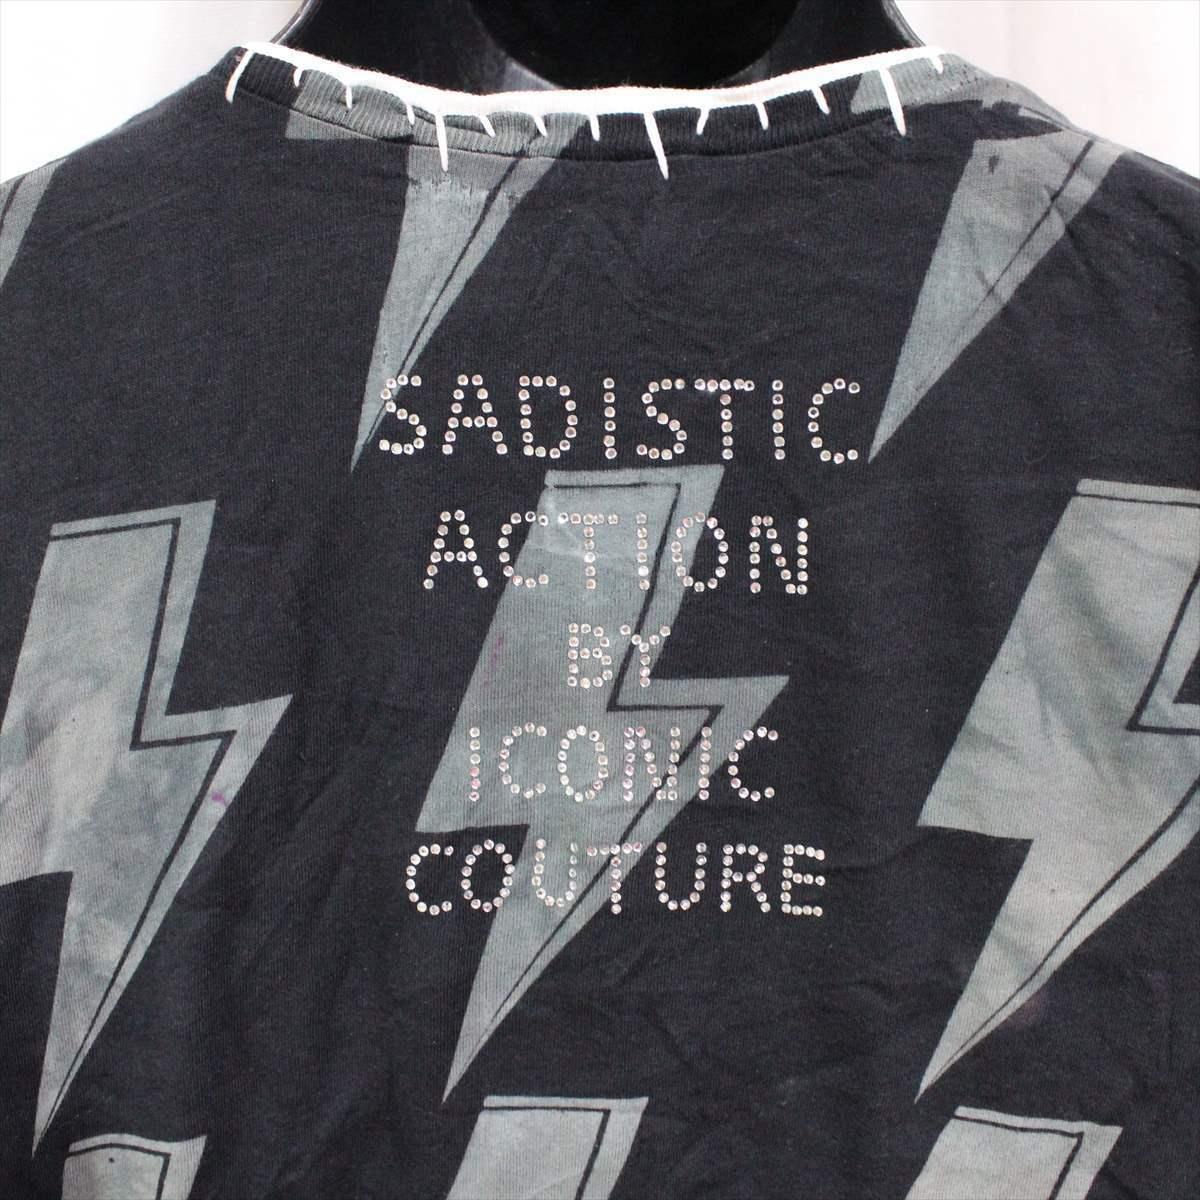 サディスティックアクション SADISTIC ACTION アイコニック ICONIC COTURE メンズ半袖Tシャツ AC/DC Sサイズ 新品_画像5